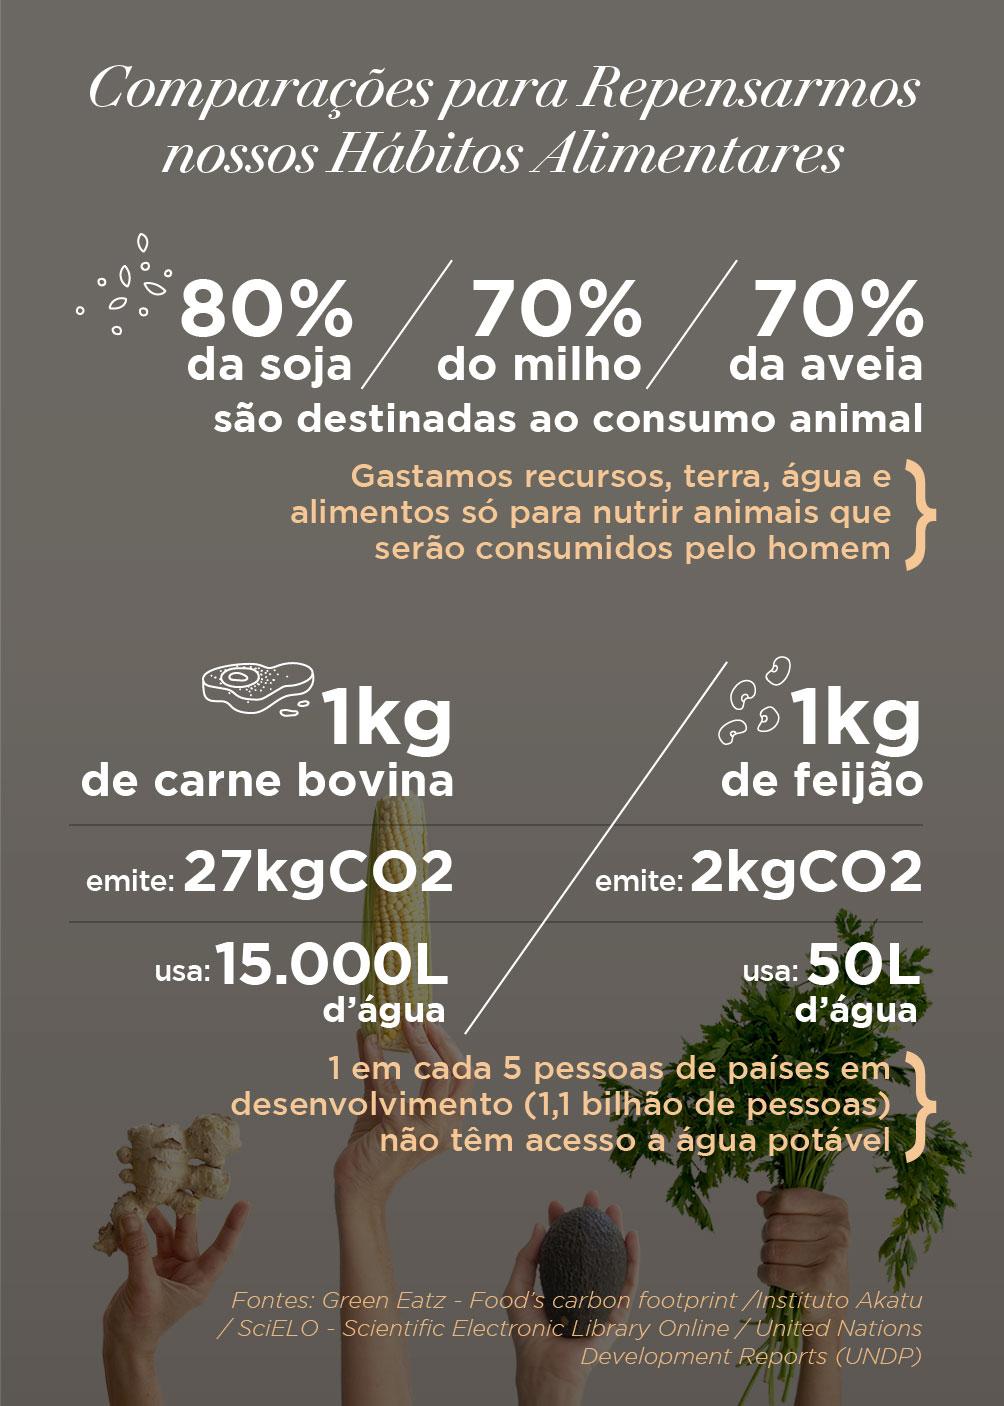 Infográfico com algumas Comparações para Repensarmos nossos Hábitos Alimentares